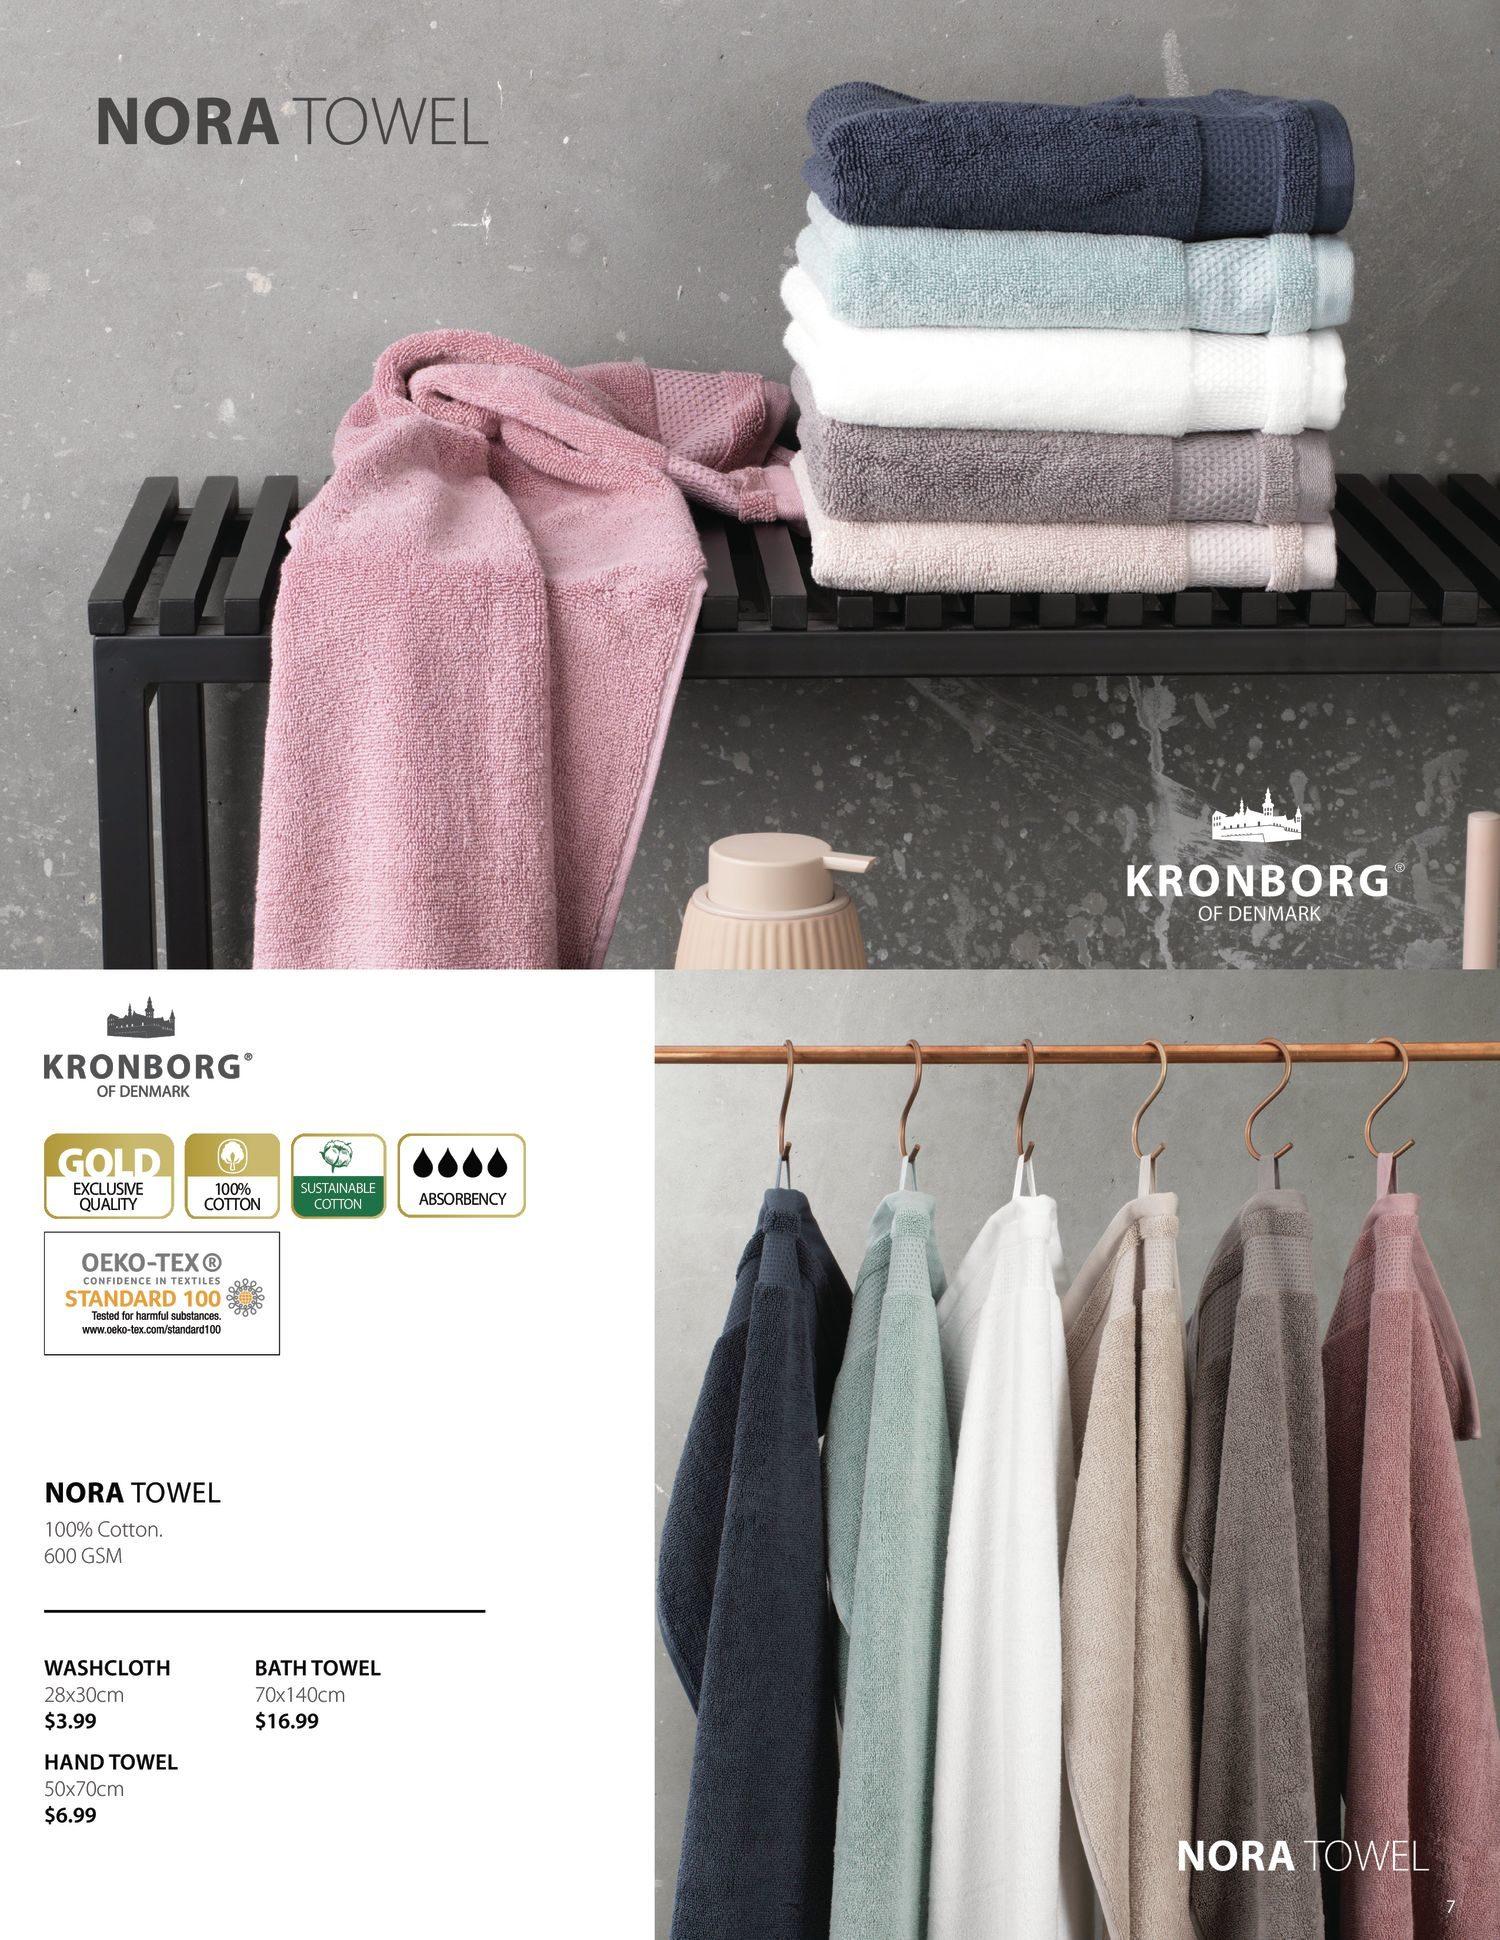 Jysk - Bathroom Accessories Catalogue 2021 - Page 7